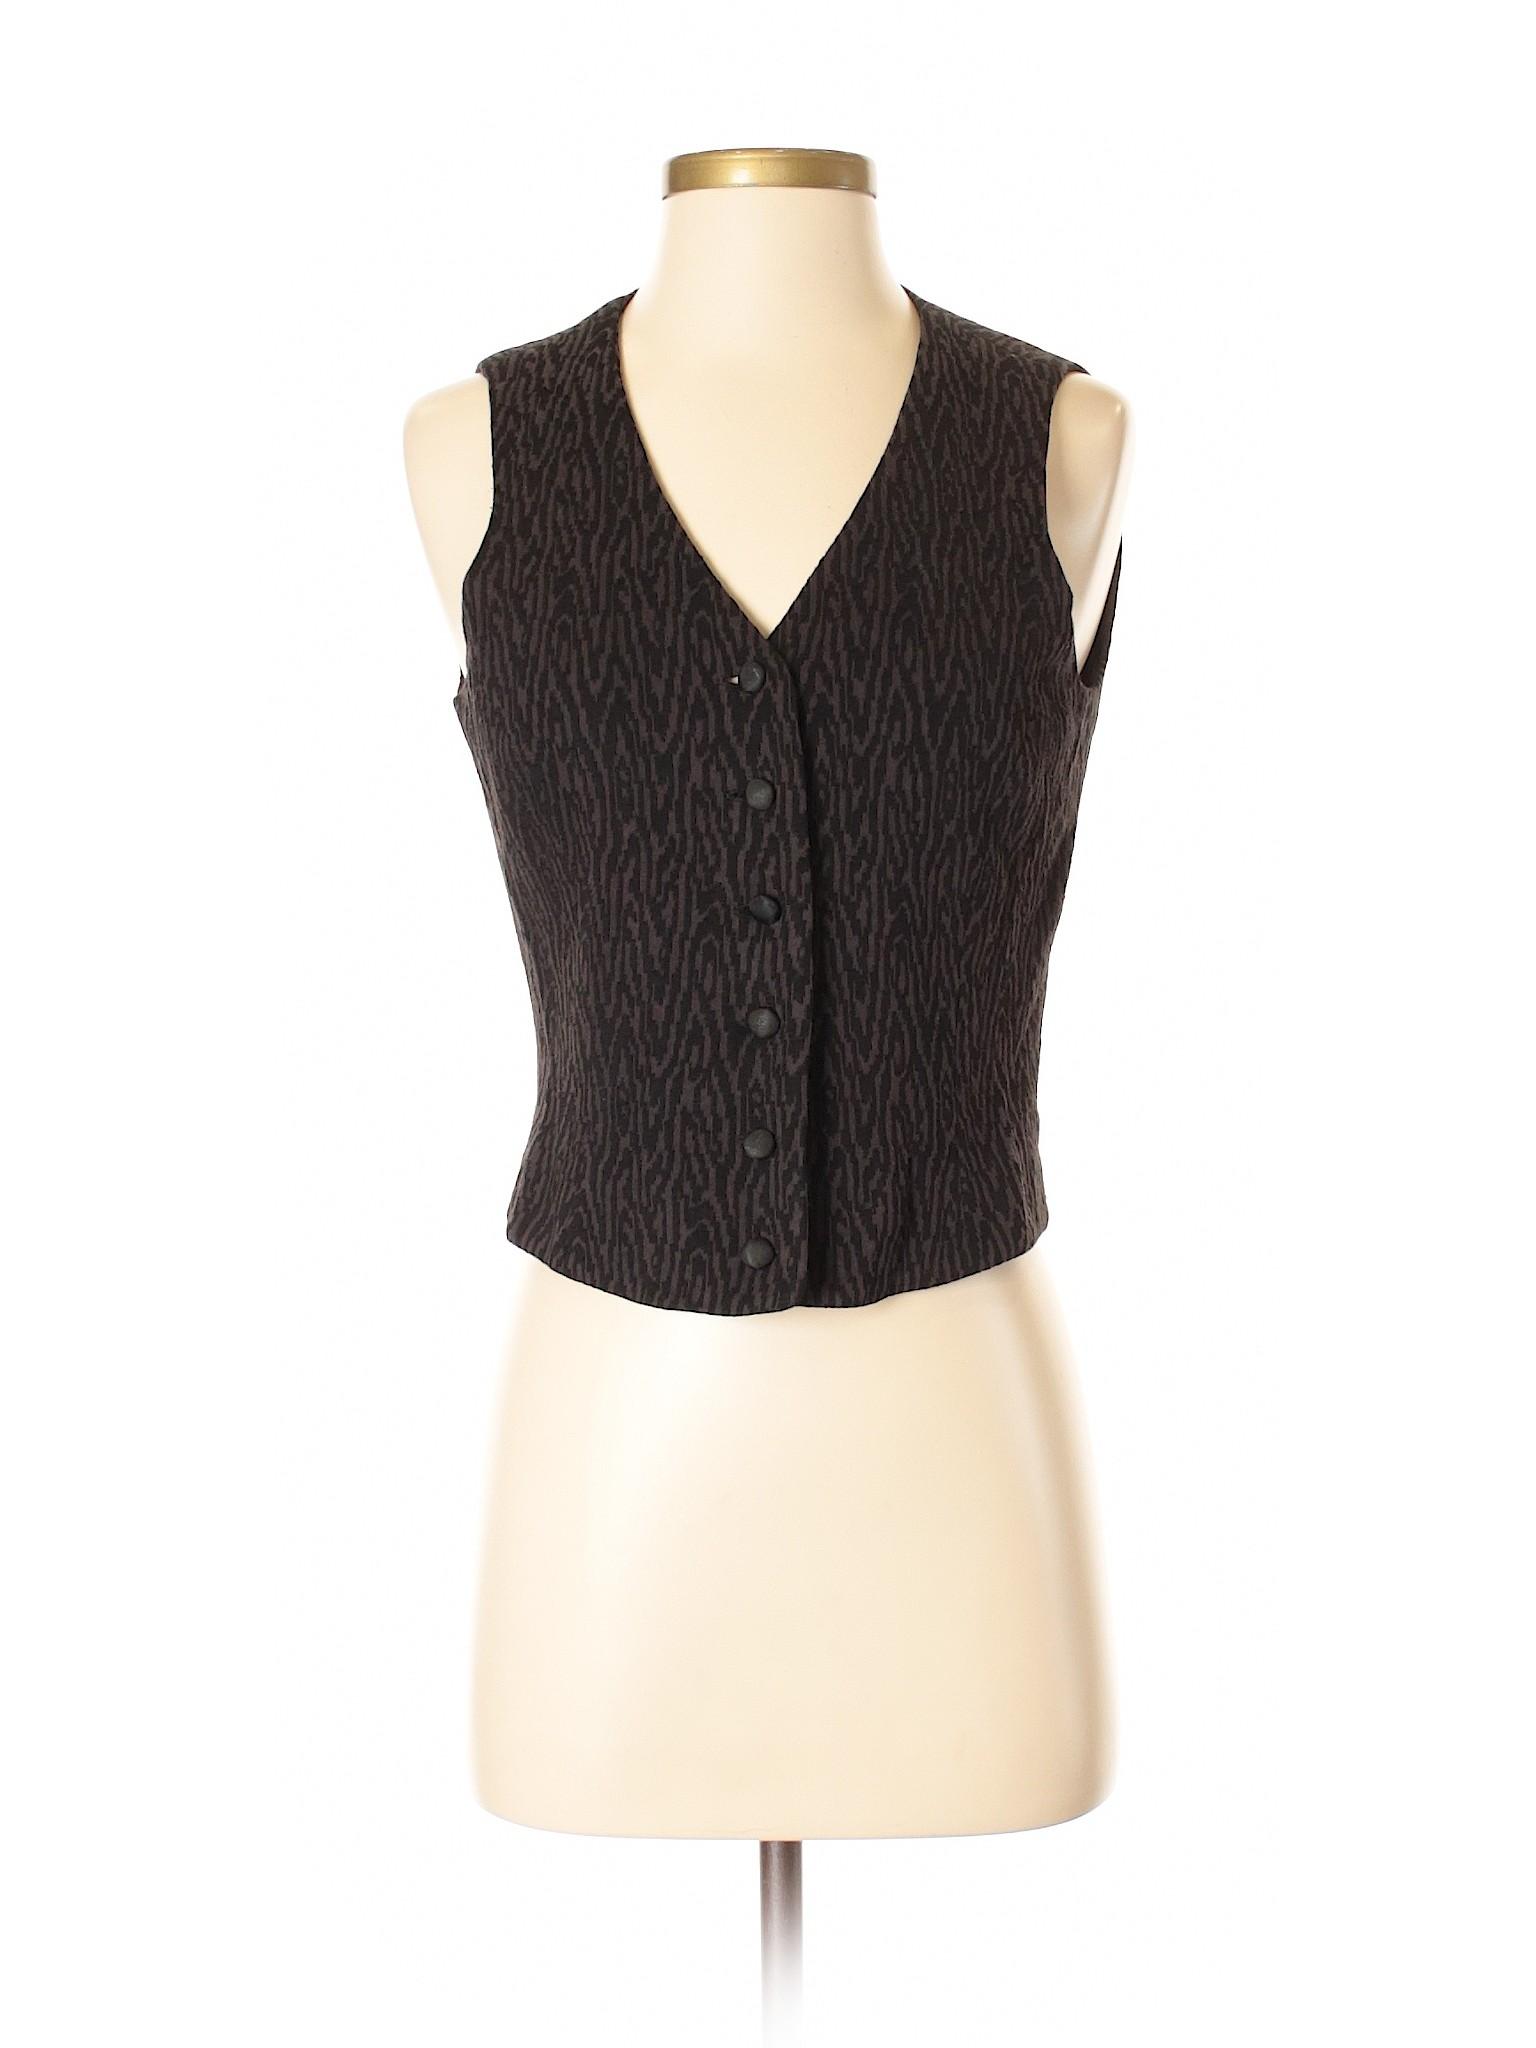 Jeanne Marc Leisure Boutique Vest Collection Xqpv4